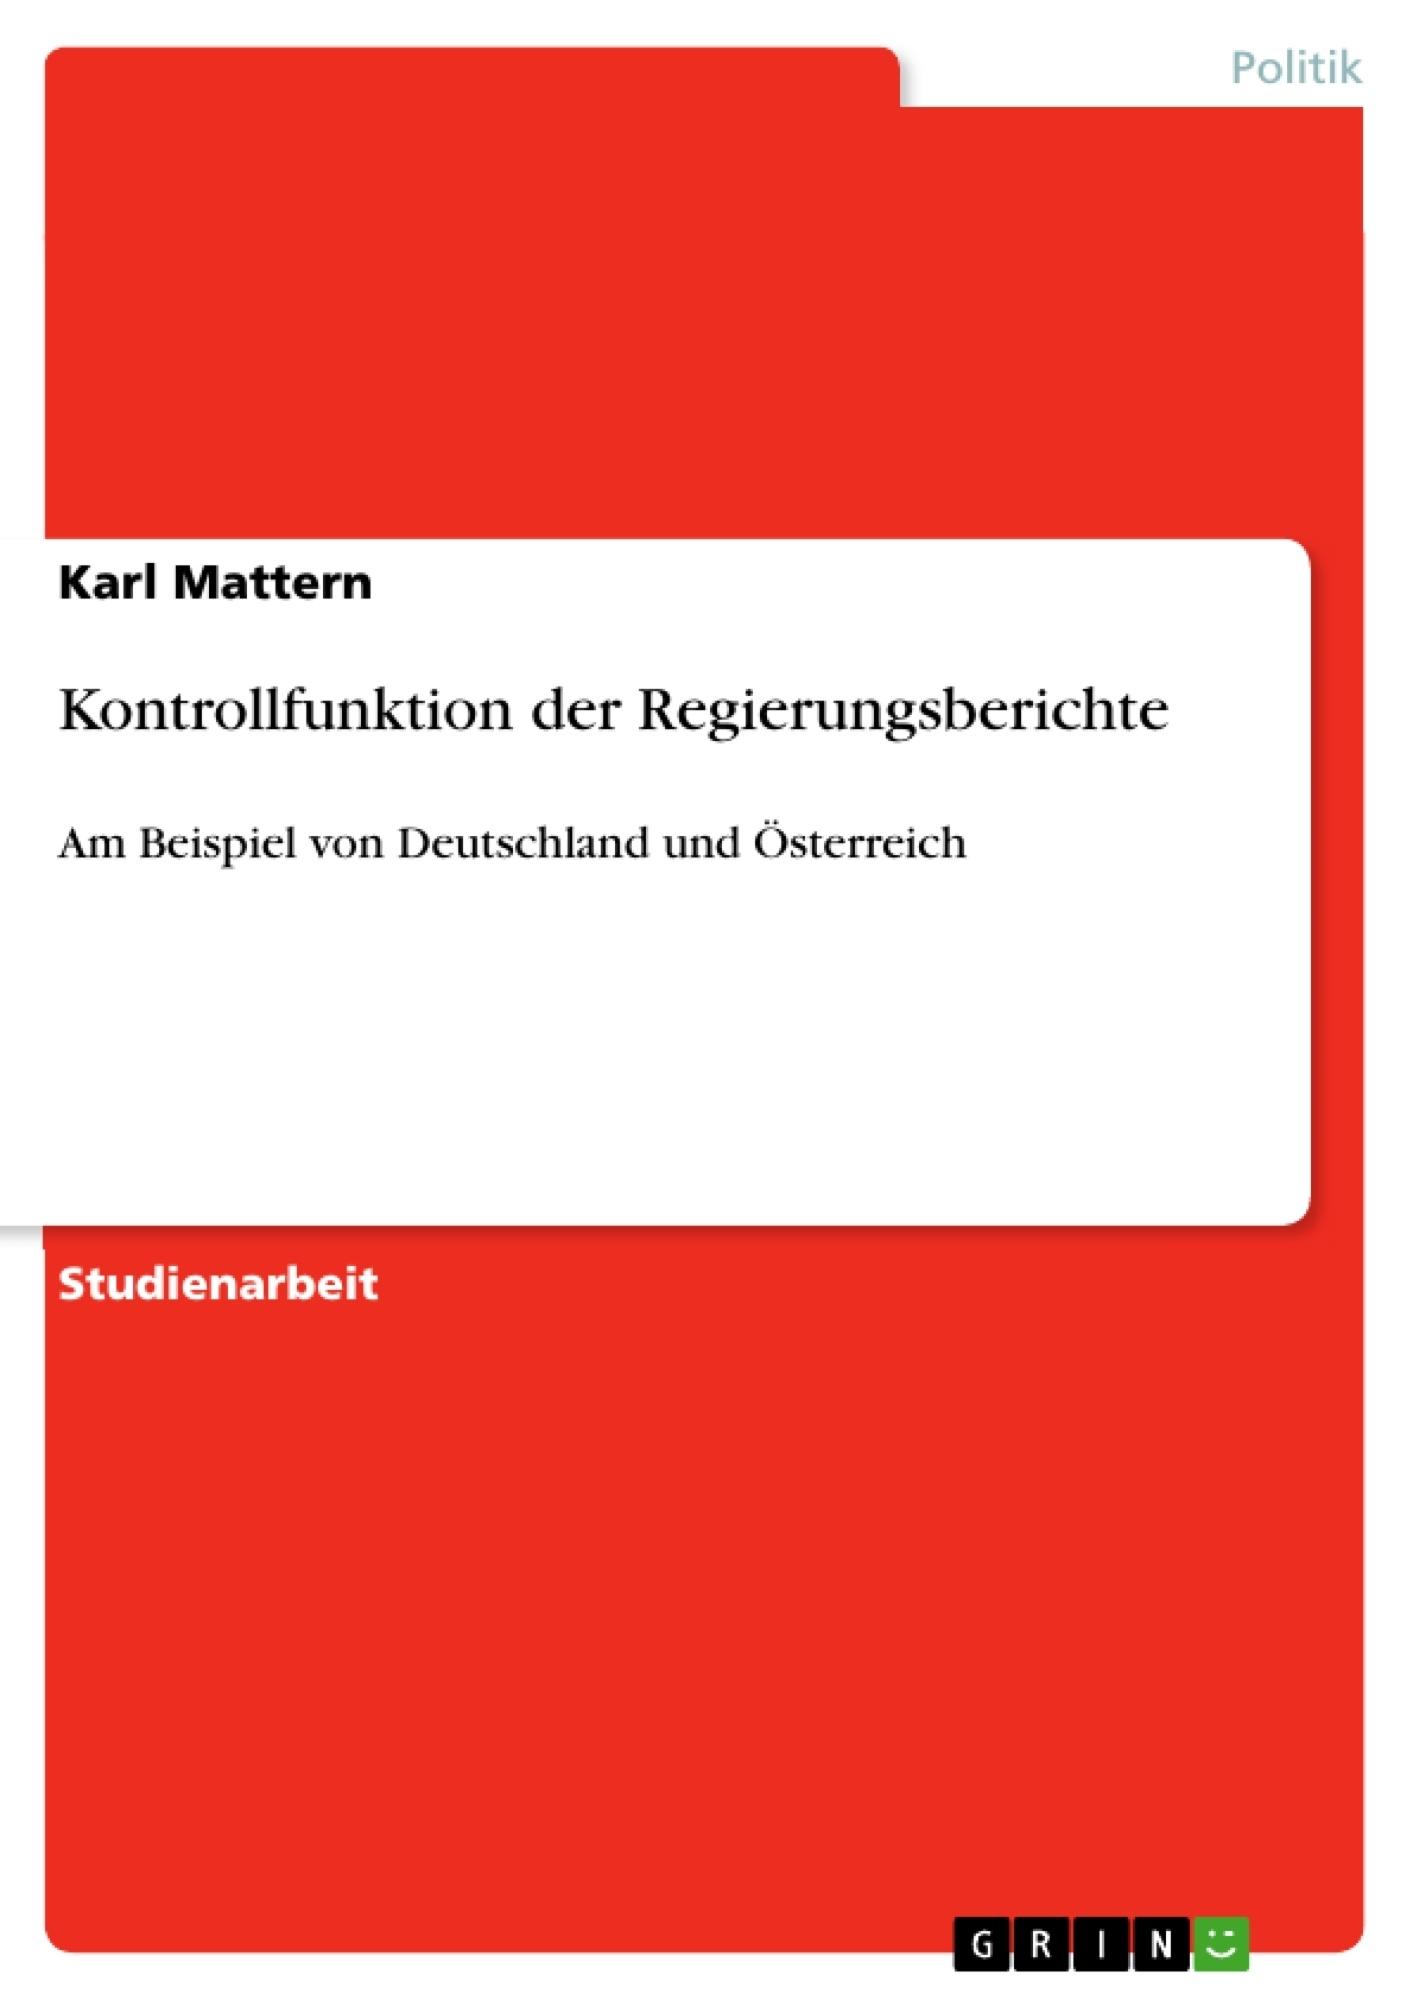 Titel: Kontrollfunktion der Regierungsberichte